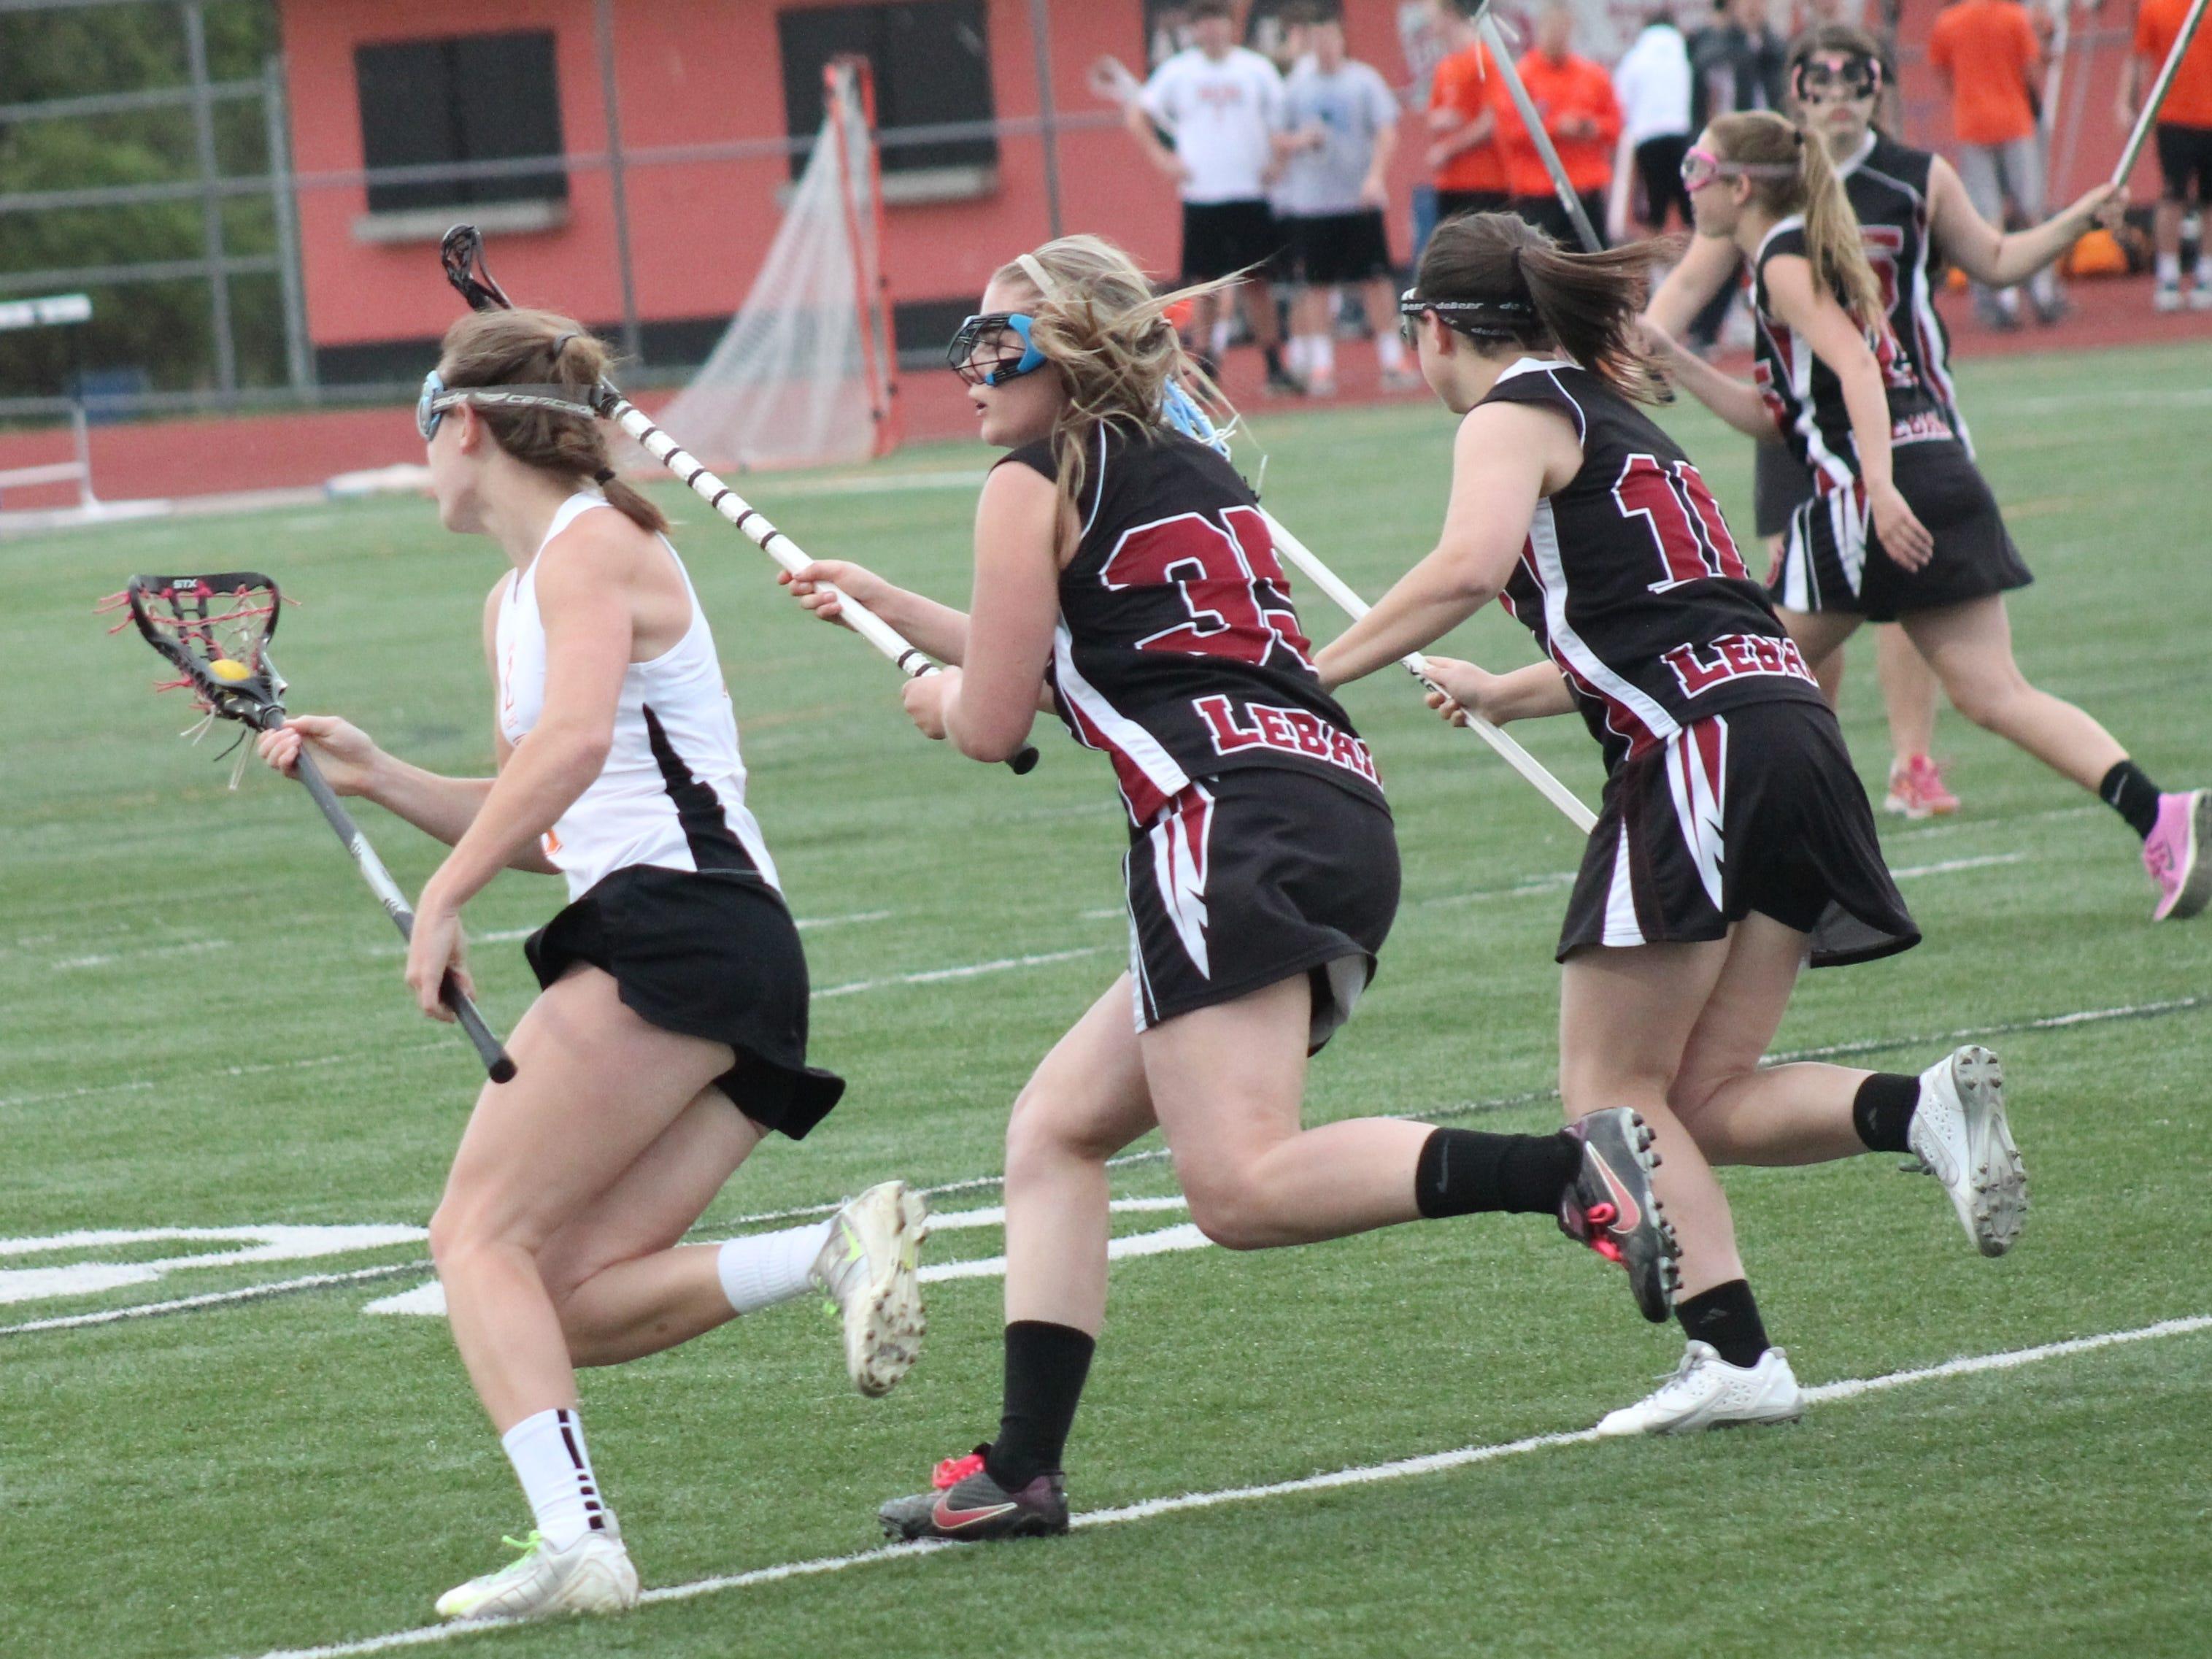 Loveland's Katie McElveen outruns the Lebanon team toward the goal in a game last season.